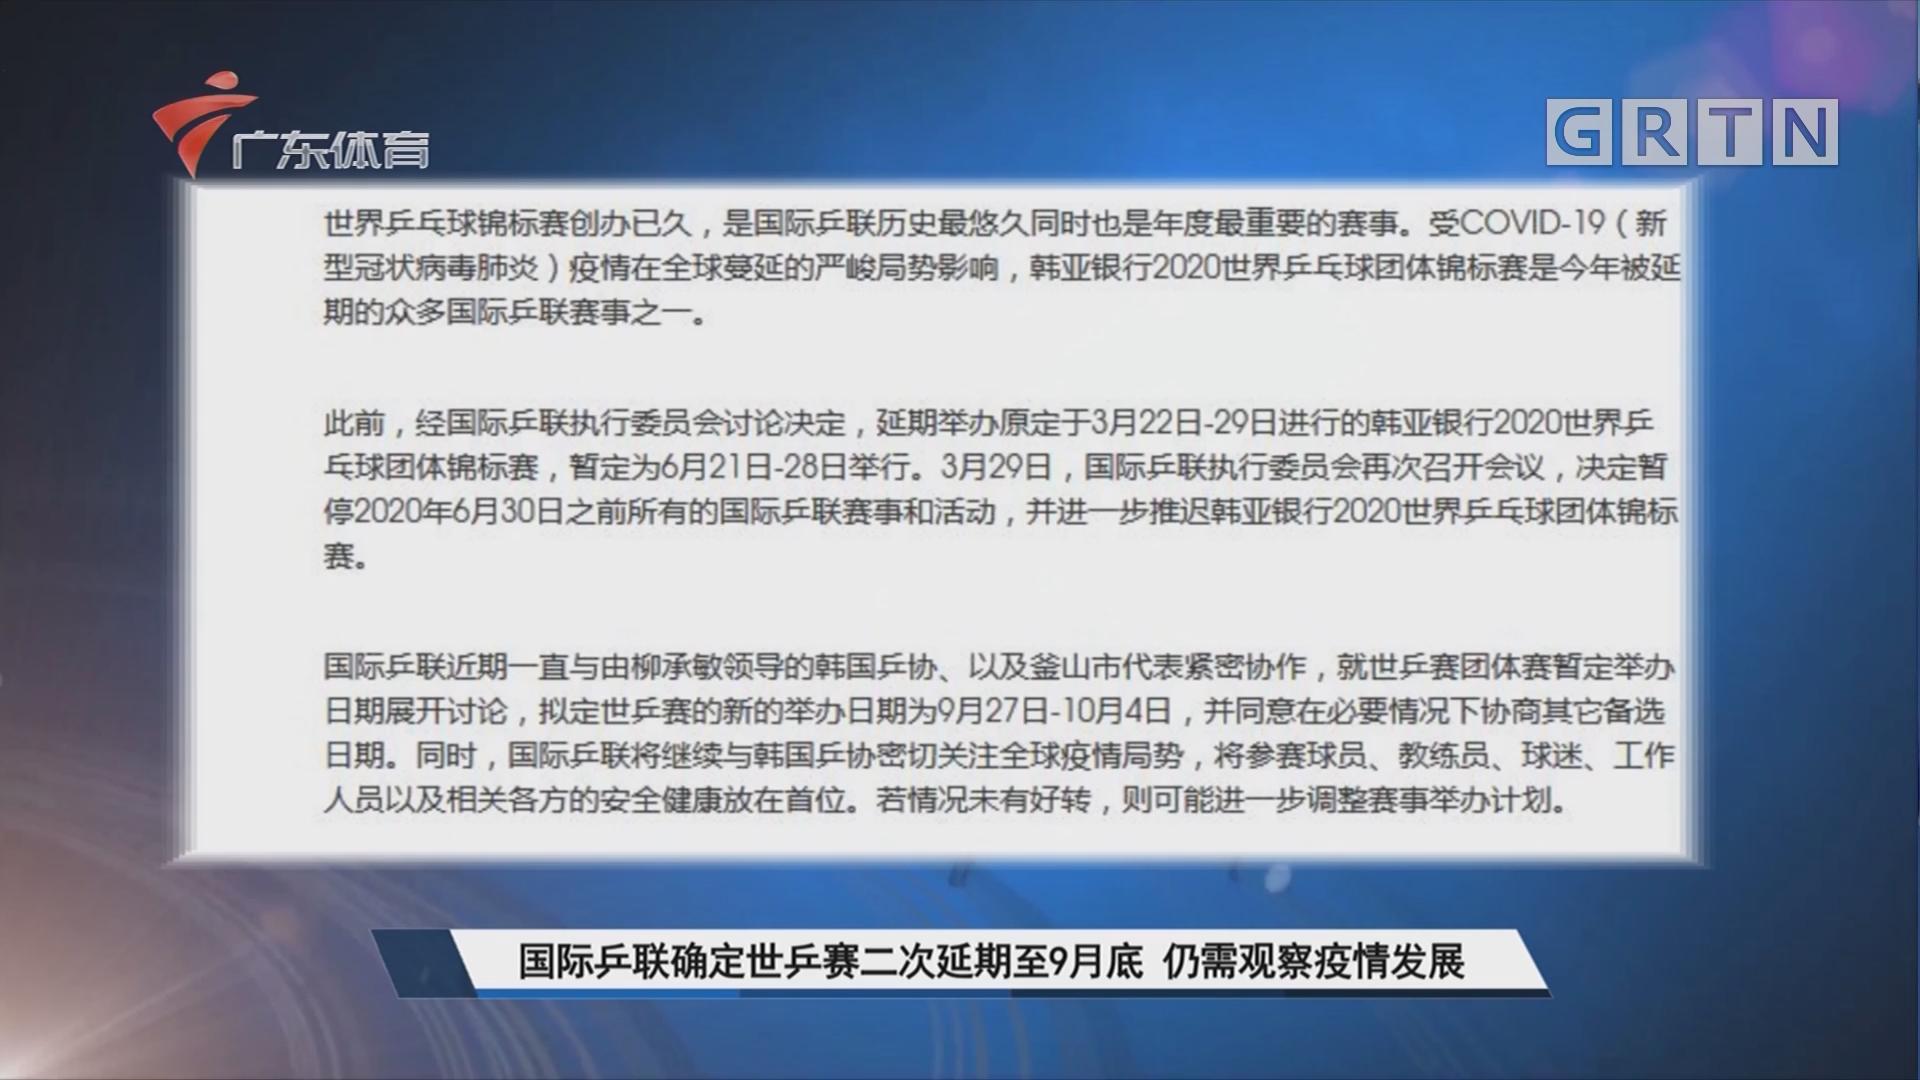 国际乒联确定世乒赛二次延期至9月底 仍需观察疫情发展